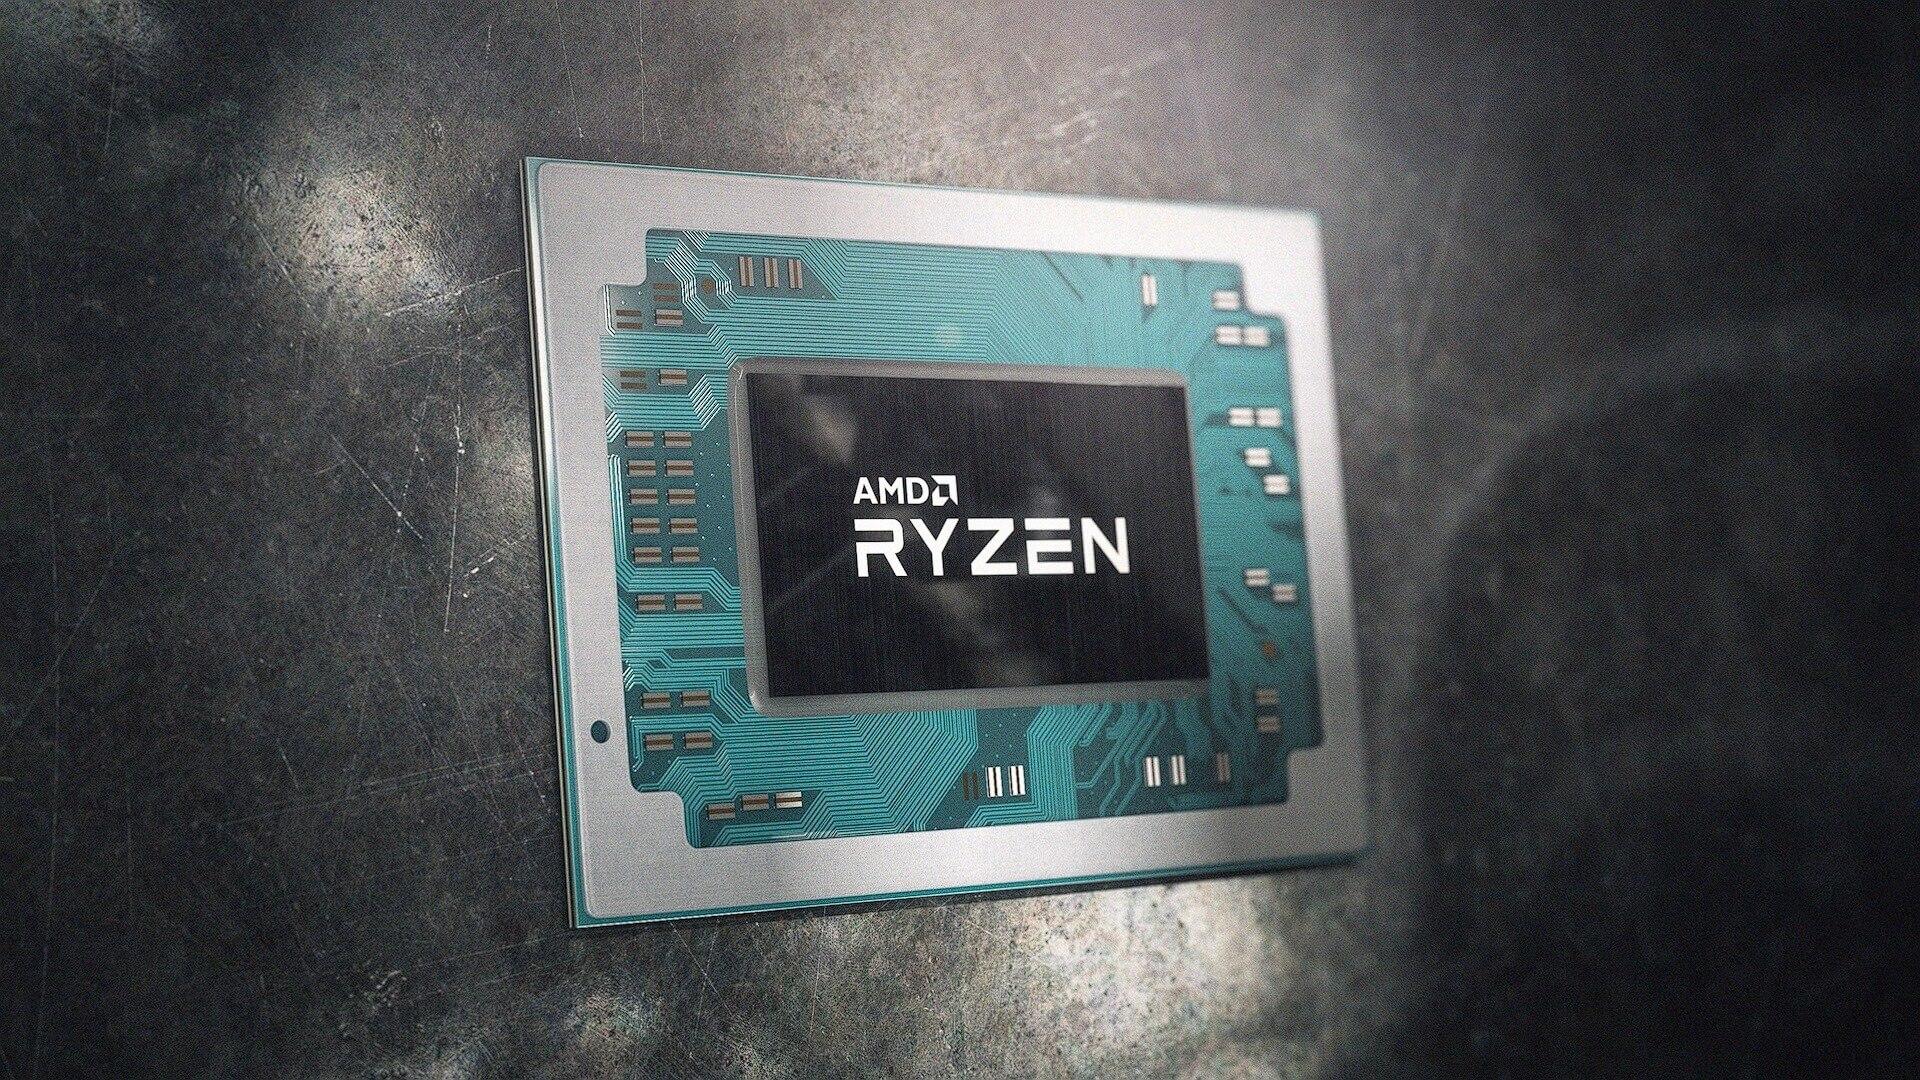 Lộ thông tin về chipset mobile đầu tiên của AMD có tên Ryzen C7, có thể được trang bị trên flashship của Samsung